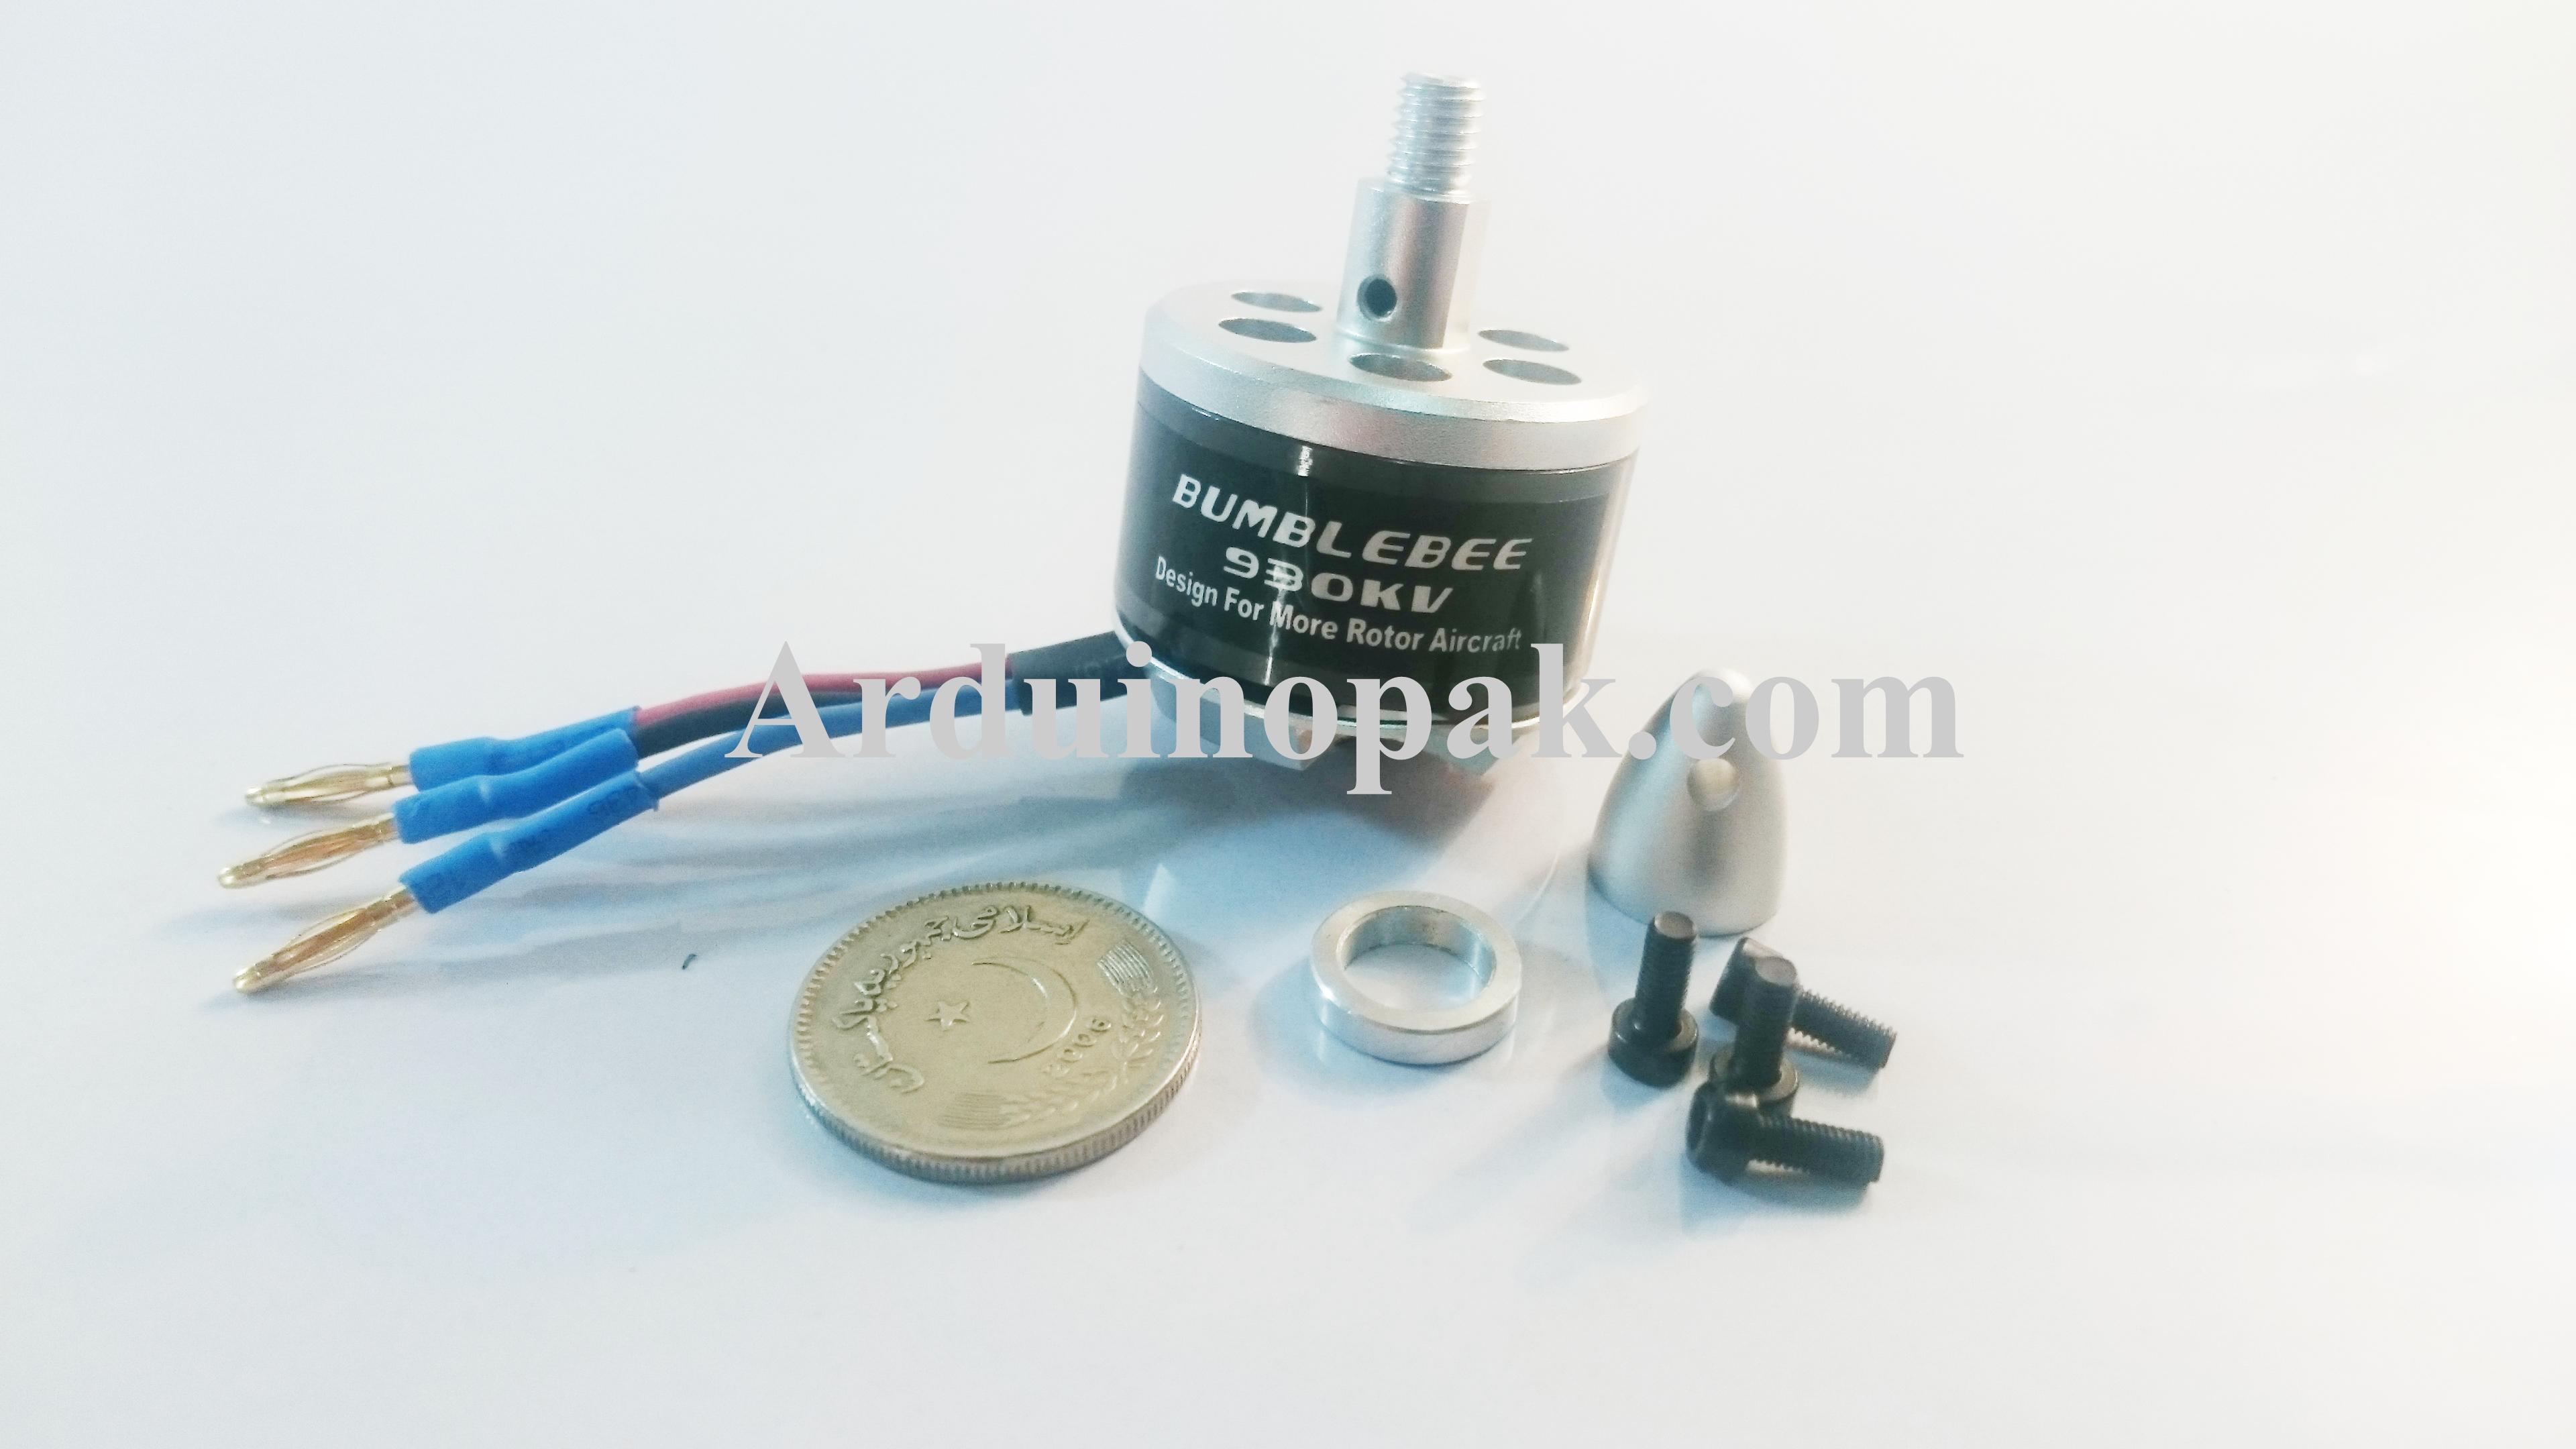 Hobbylord ST2812 Brushless Motor 930KV Multi rotor